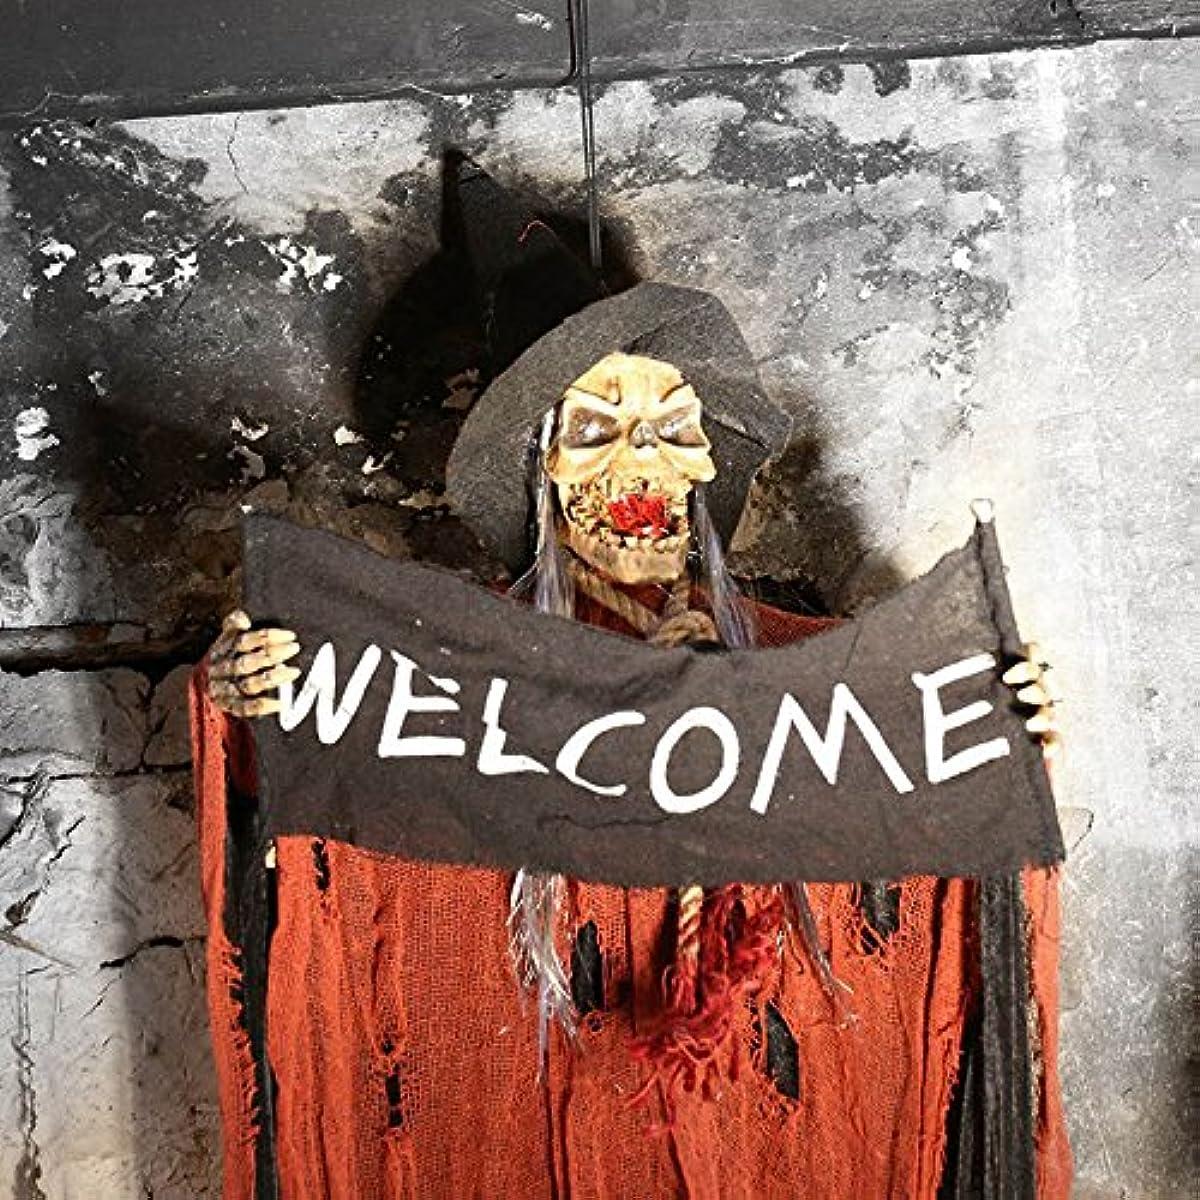 公園発症今日ZaRoing ハロウィン 飾り 幽霊 ホラーディスプレイ お化け屋敷 小道具 骸骨 吊り下げタイプ 目が光る 悲鳴が鳴る 雰囲気抜群 装飾品 籠囲い ハロウィンパーティー